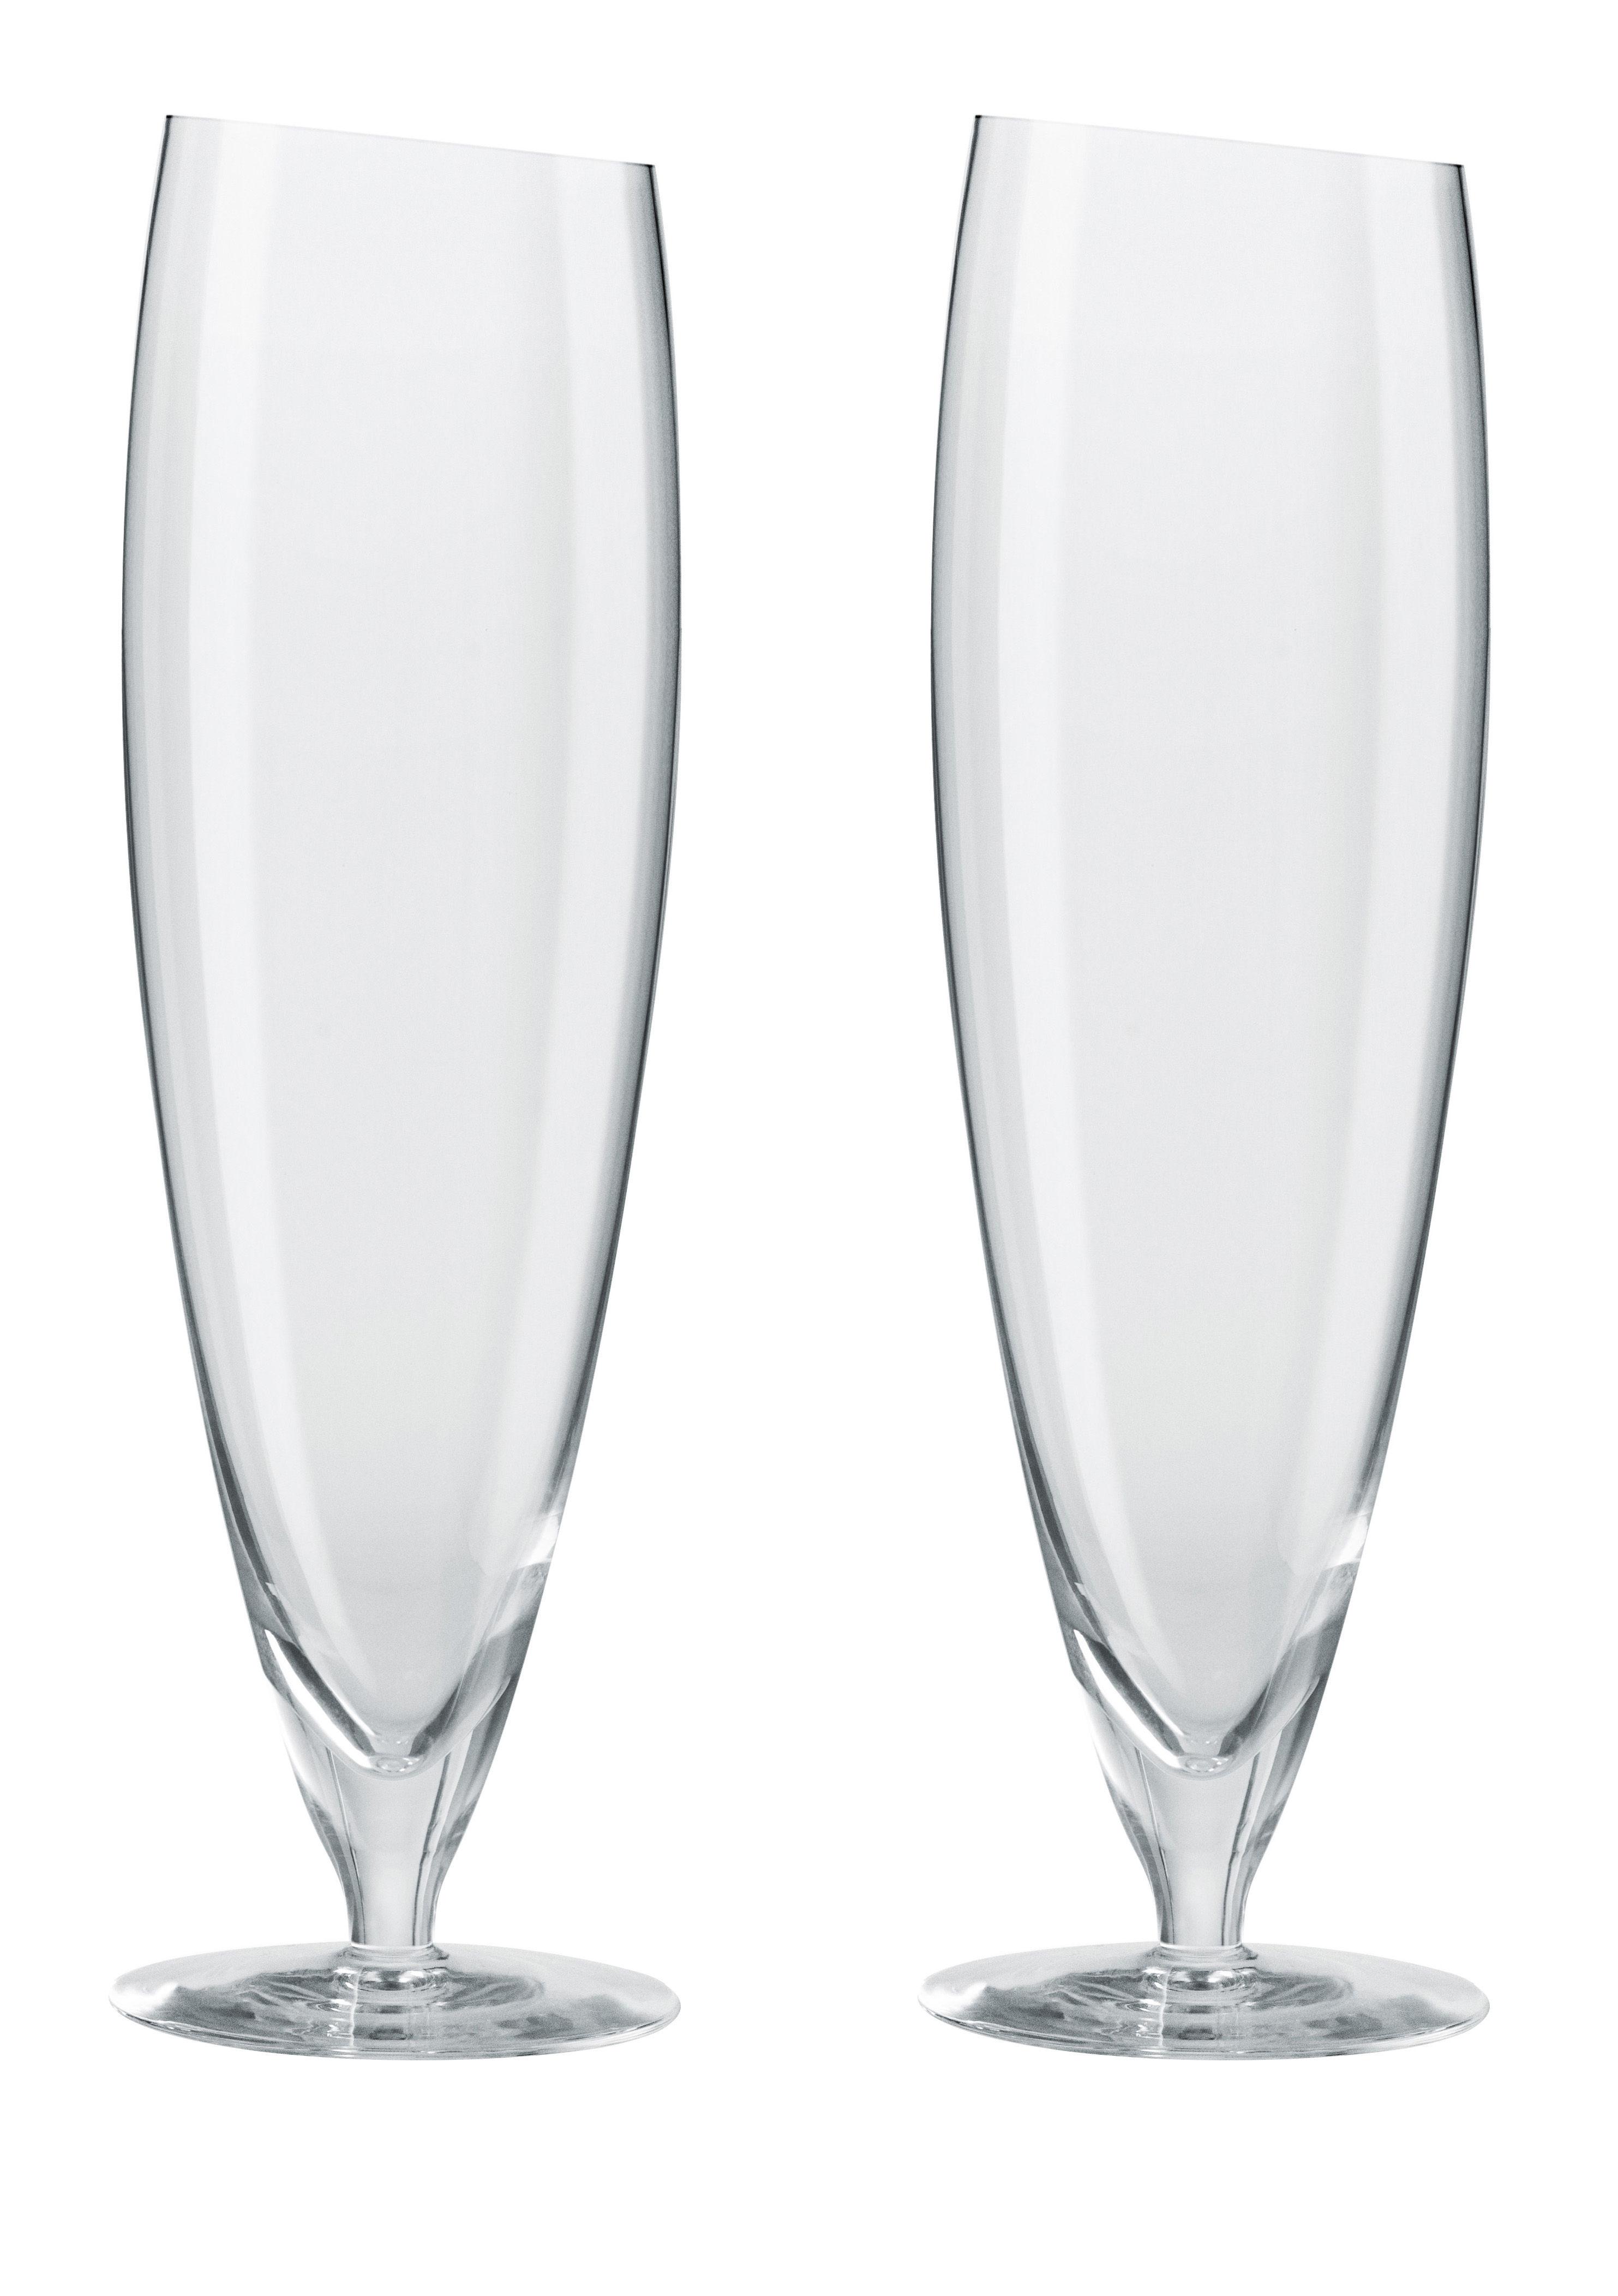 Arts de la table - Verres  - Verre à bière / Lot de 2 - 50 cl - Eva Solo - Transparent - Verre soufflé bouche